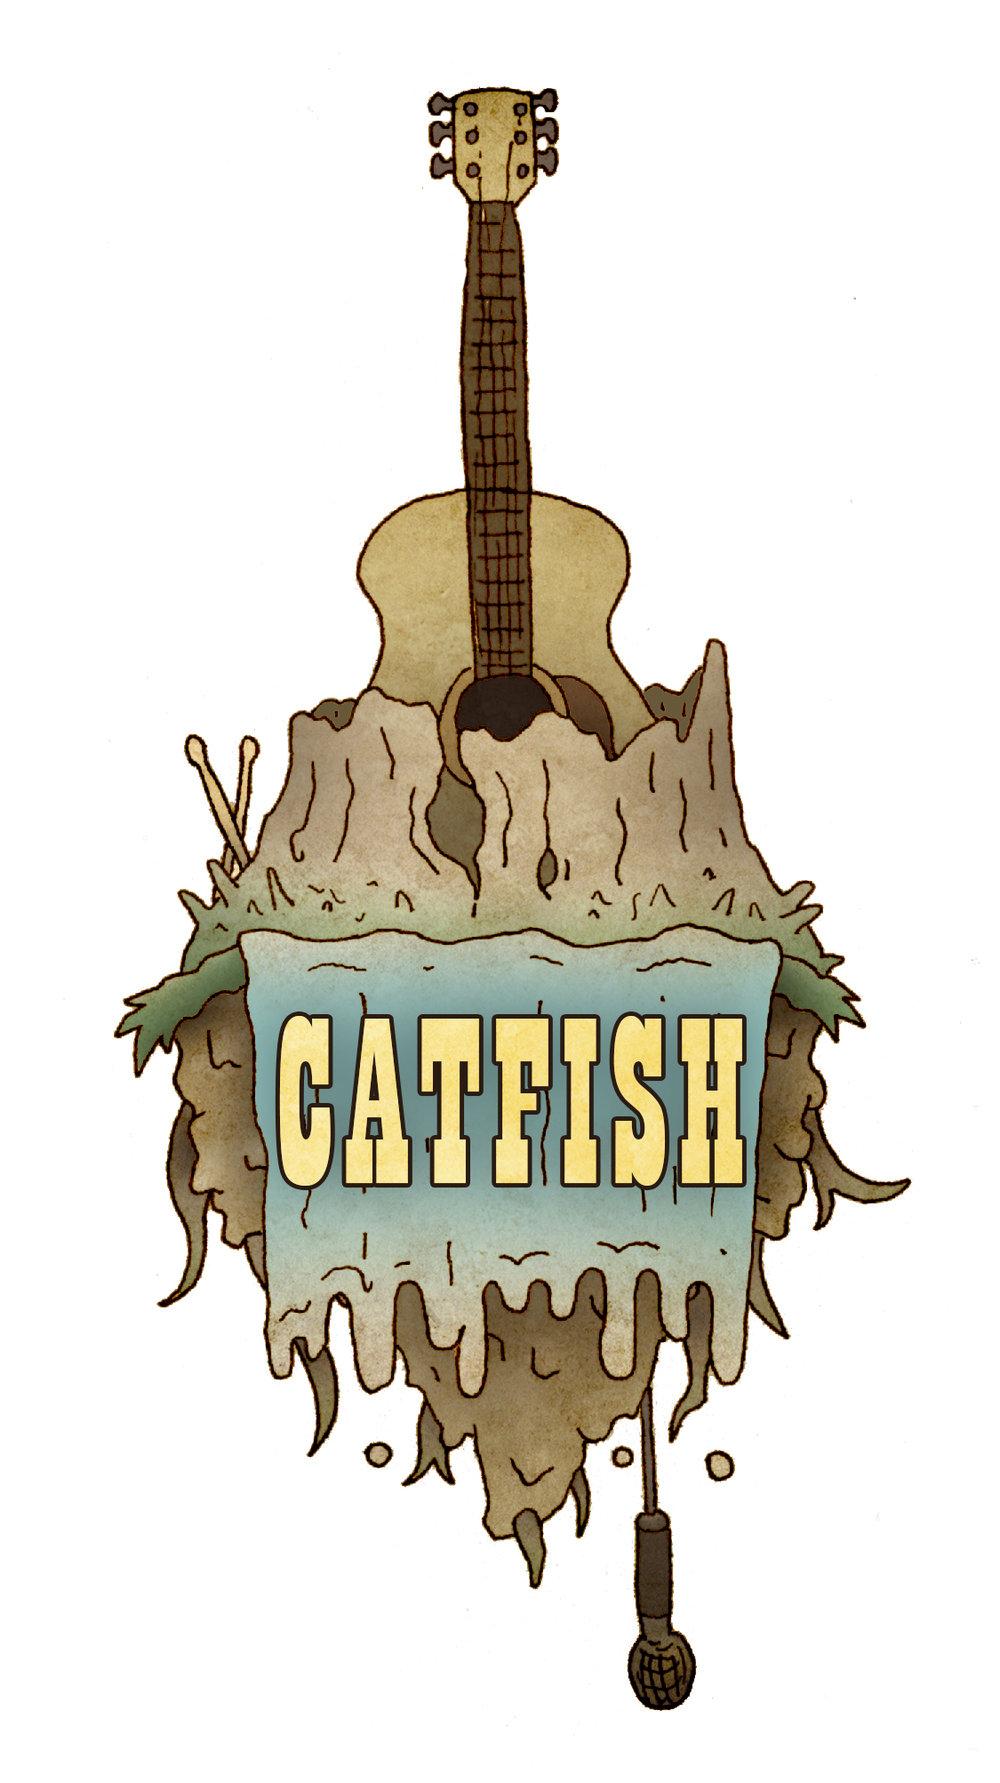 Catfish (band) logo 2016